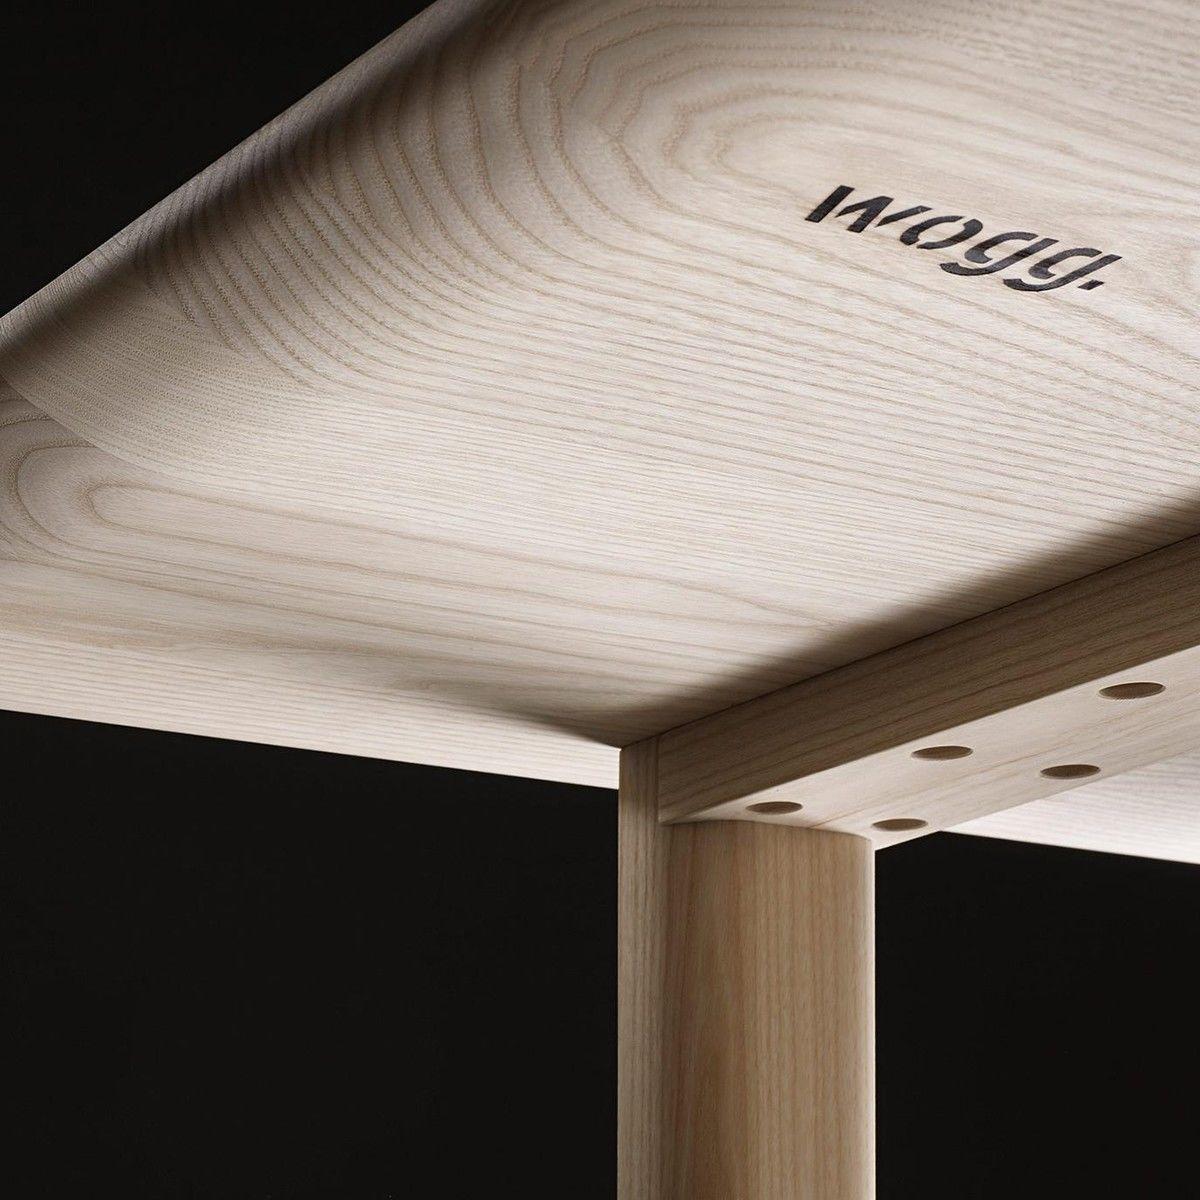 Tira massivholztisch esstisch wogg for Massivholztisch design